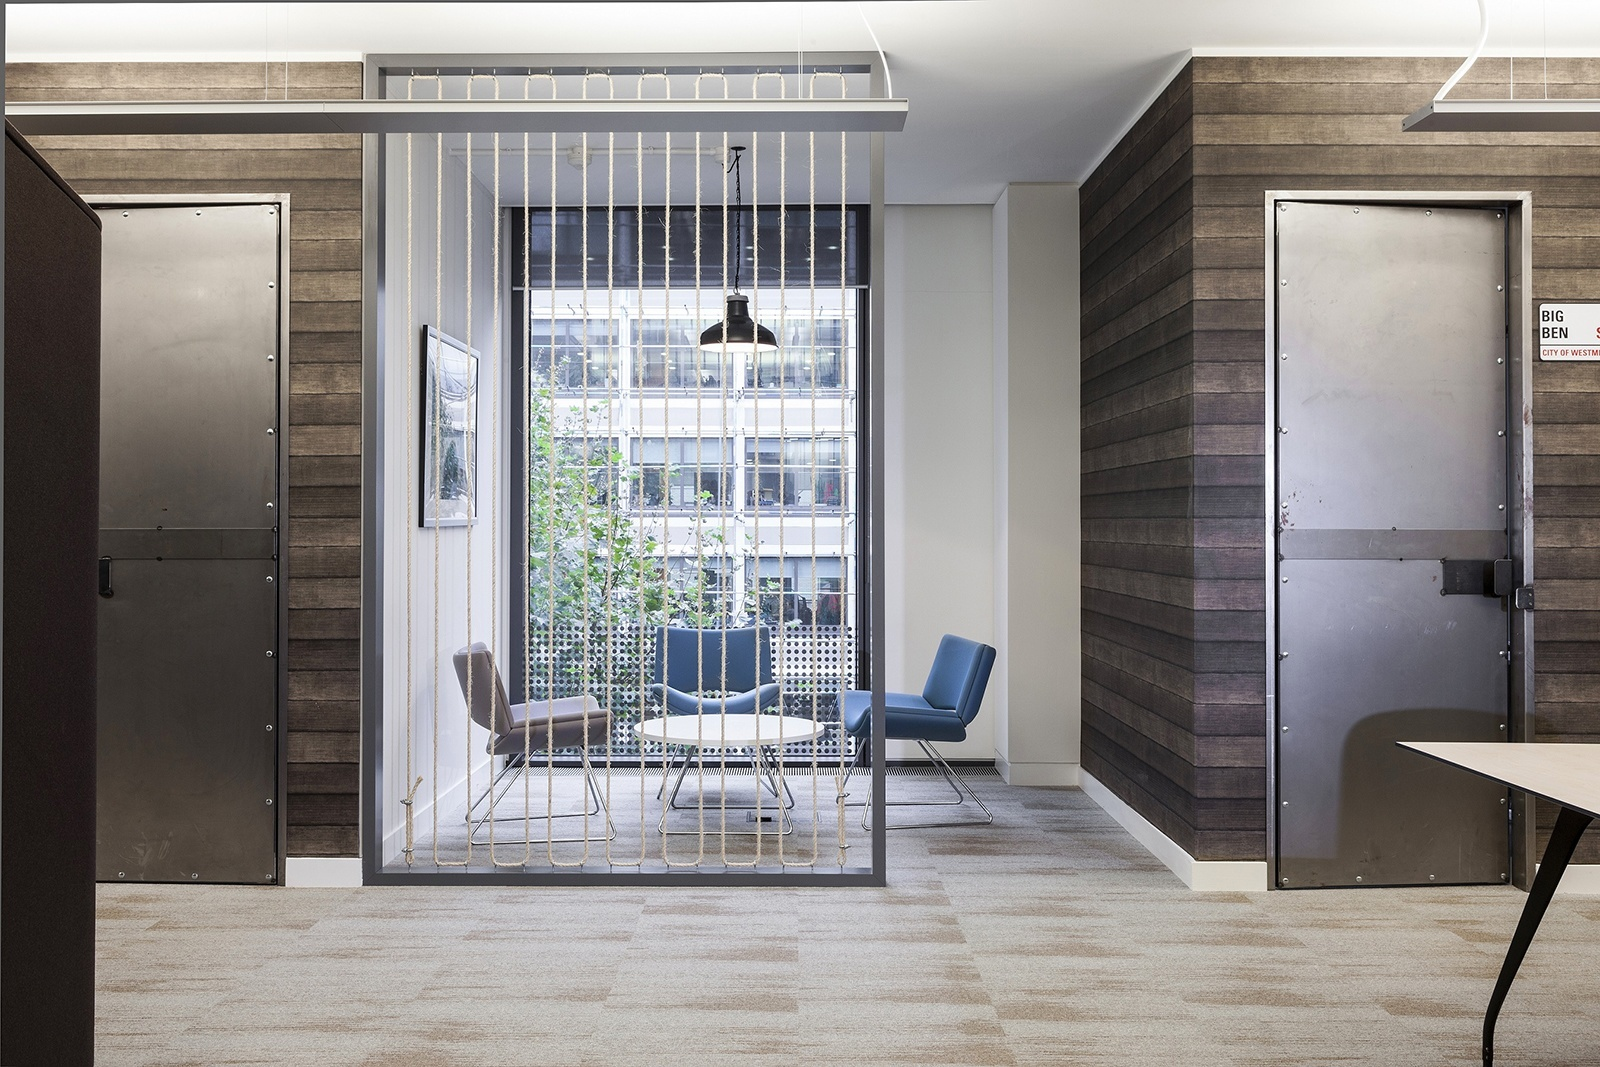 fieldglass-london-office-11